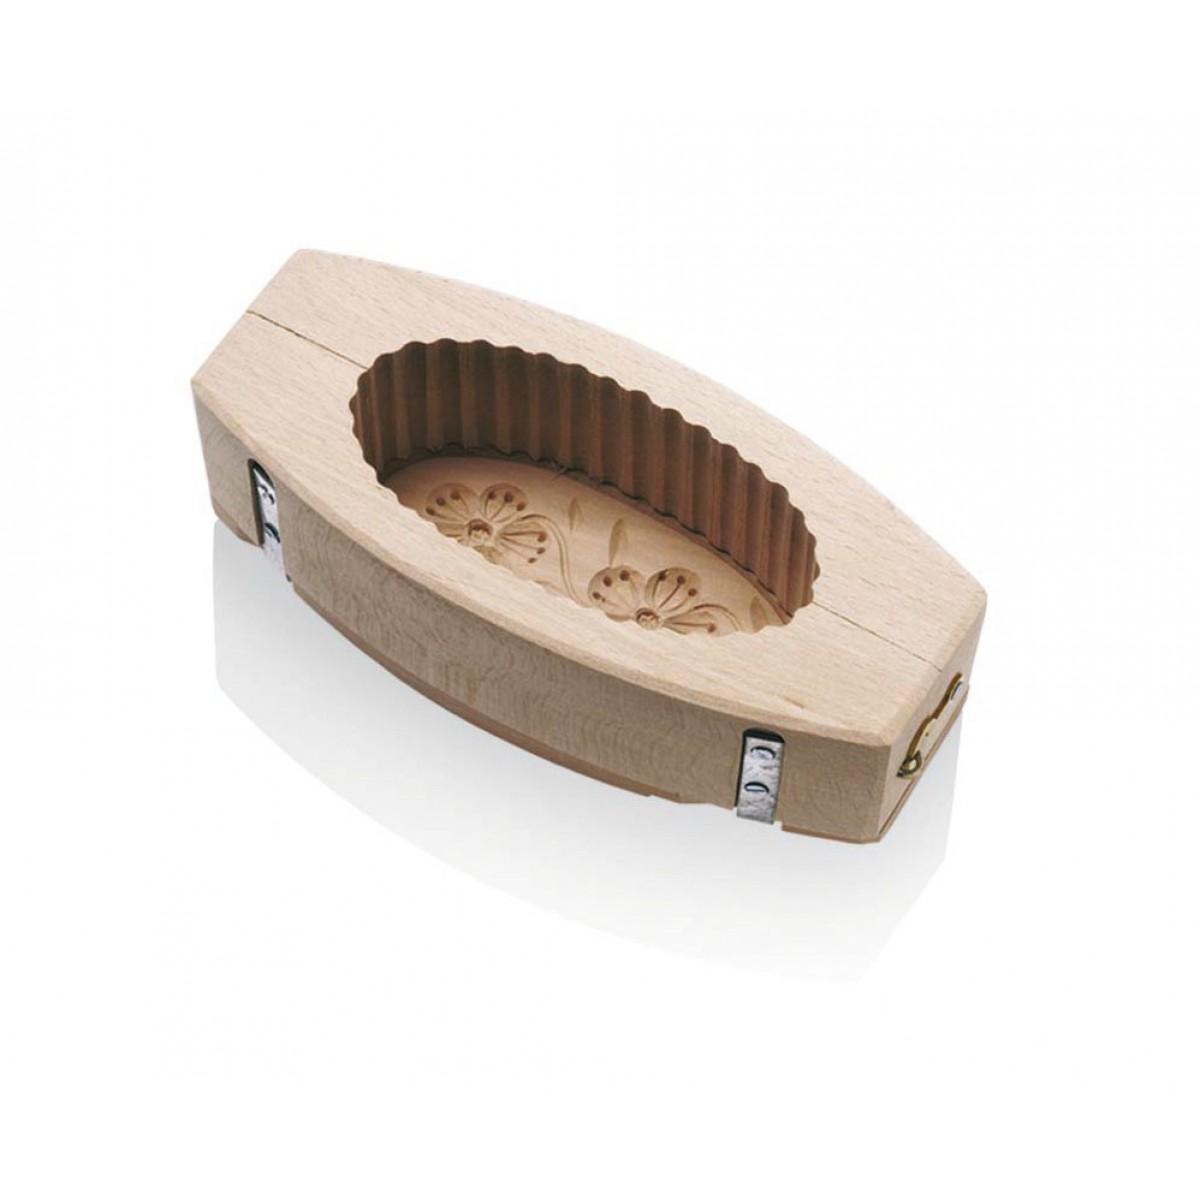 moule beurre tellier 250 g ovale de moule beurre. Black Bedroom Furniture Sets. Home Design Ideas